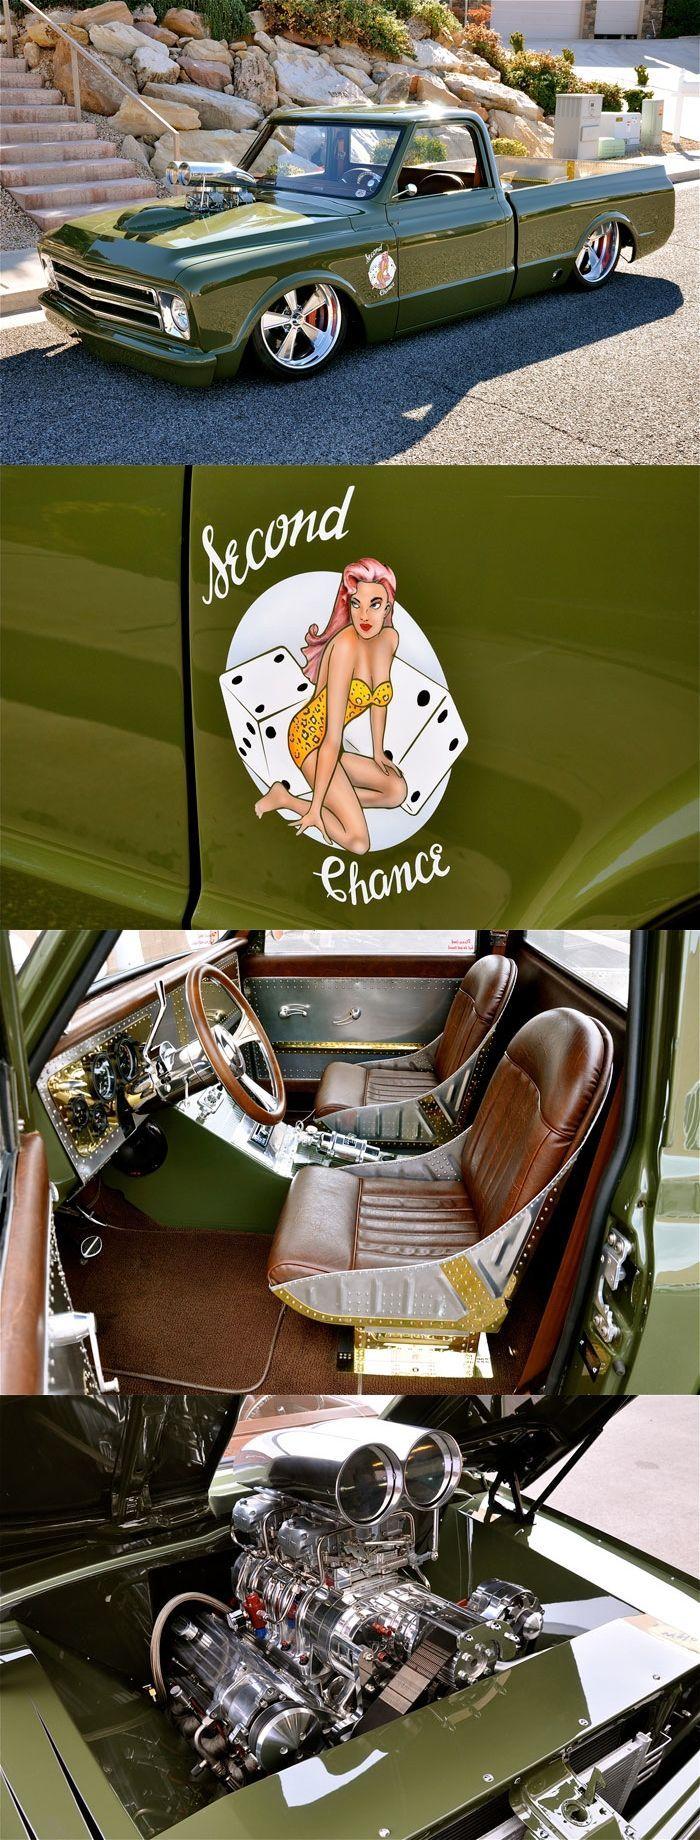 Best 25 chevy silverado accessories ideas on pinterest - Chevy truck interior accessories ...